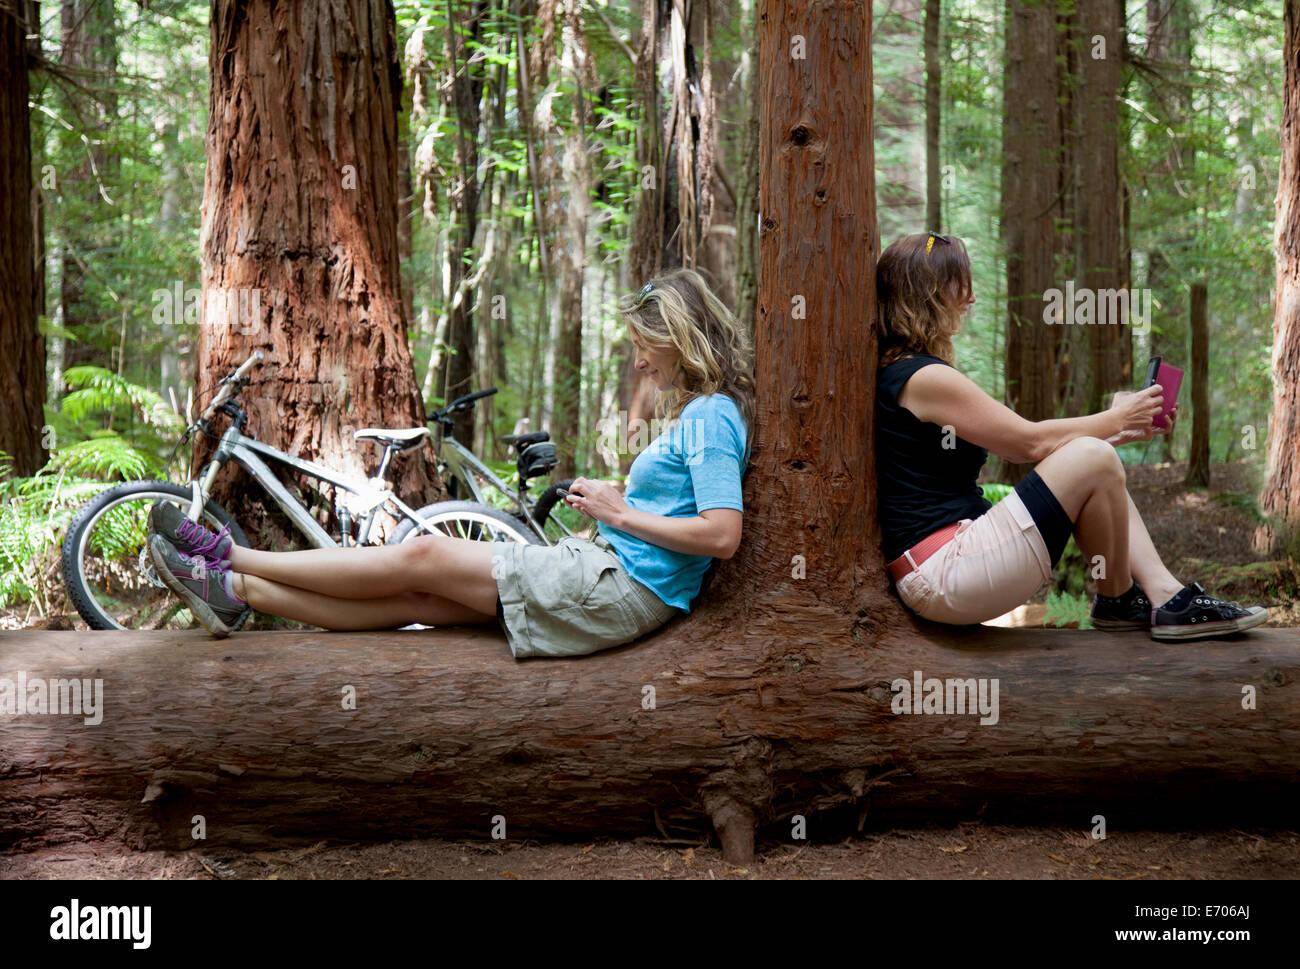 Deux femmes adultes regardant le smartphone et tablette numérique en forêt Banque D'Images